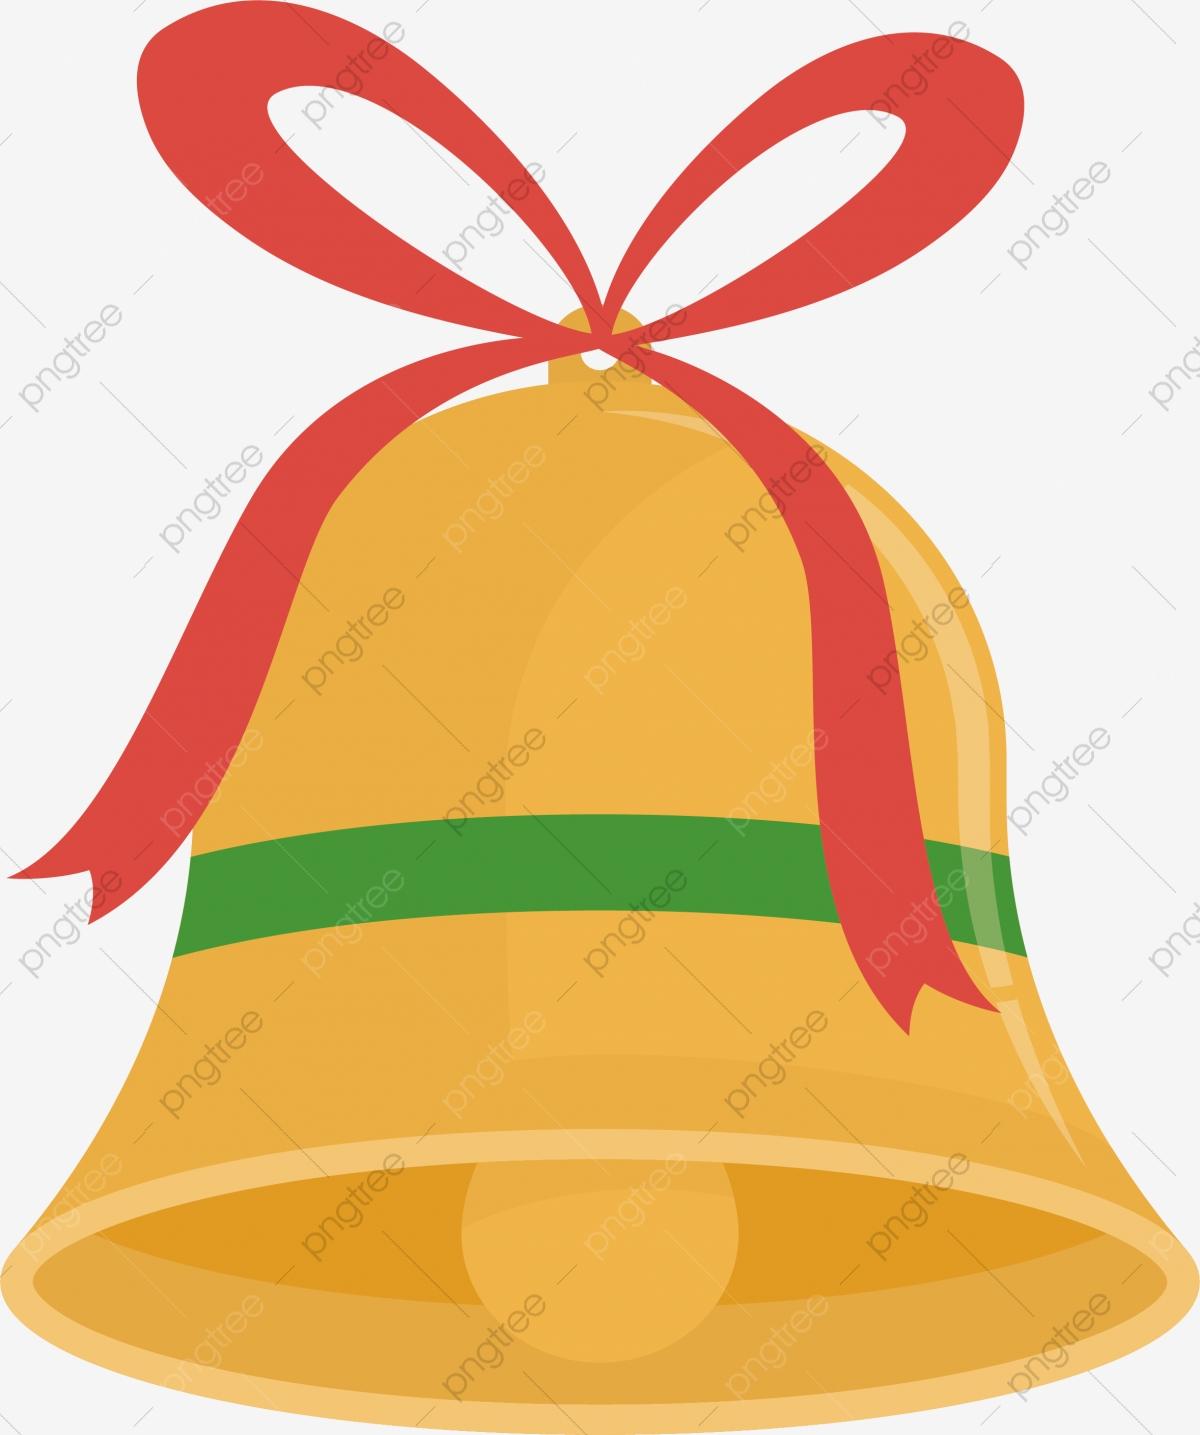 Navidad Campanas De Oro, Vector Png, Pequeña Campana, Campana De Oro.